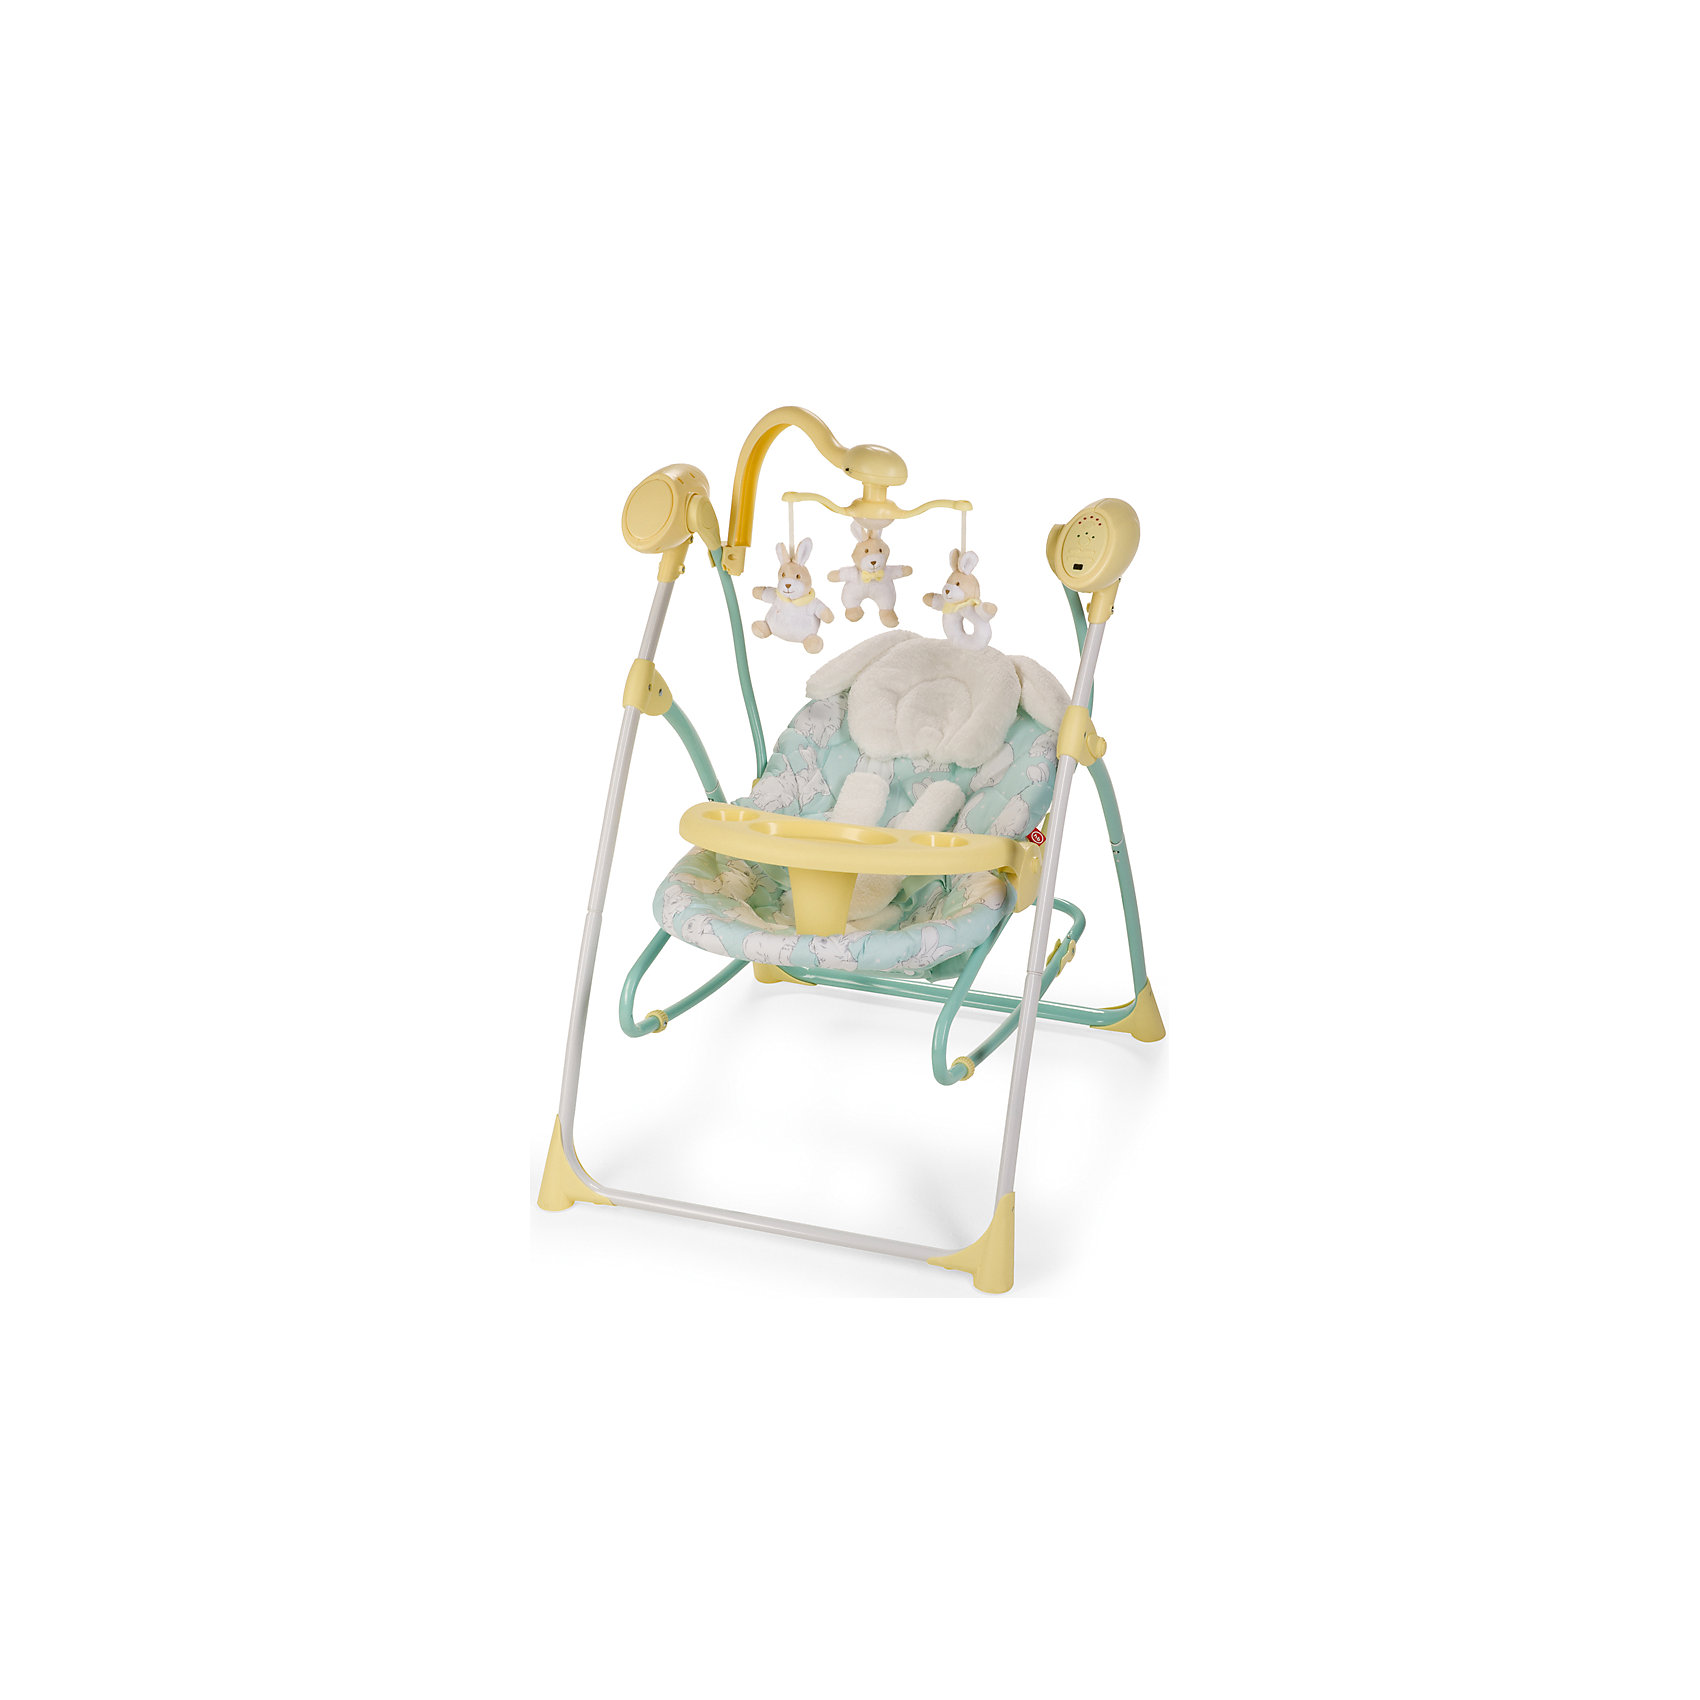 Электрокачели Luffy, Happy Baby, желтыйКачели электронные<br>Электрокачели Luffy, Happy Baby, желтый – идеально подходят для активного бодрствования, развивающих игр, отдыха и дневного сна малыша.<br>Электрокачели Luffy — лучший помощник для мамы, начиная с первых дней жизни ребенка. Вы можете подобрать идеальное положение спинки, которое обеспечит малышу комфорт для сна или бодрствования. 3 положения спинки меняются одной рукой. Пять скоростей укачивания помогут выбрать оптимальный и комфортный вариант для вашего малыша. Двенадцать мелодий, а также наборы звуков природы развеселят или успокоят, а также помогут развитию слуха ребенка. Электронный съемный мобиль со съемными игрушками заинтересует кроху, поможет развитию его зрительных навыков. Имеется таймер со светодиодной подсветкой на 15, 30 и 60 минут, который поможет маме заниматься своими неотложными делами. Пушистая подушка под головку с ушками превратит малыша в милого зайчонка. Данная модель может использоваться и как шезлонг, для чего достаточно просто снять люльку с опоры качелей. Также в комплекте есть съемный столик с подстаканником для еды и игр, что очень удобно, когда мама начнет вводить первый прикорм, и малыш будет дольше бодрствовать. Чехол легко снимается, стирается, а сами качели легко складываются и не занимают много места в квартире. Работают либо от сети (адаптер входит в комплект), либо от 4 батареек.<br><br>Дополнительная информация:<br><br>- Возраст: с рождения<br>- Максимальный вес ребенка: 9 кг.<br>- Цвет: желтый<br>- В комплекте: подушечка под голову, адаптер, электронный мобиль с игрушками<br>- 5-точечные ремни безопасности, с мягкими накладками<br>- Разделитель для ножек<br>- Съемный электронный мобиль работает от 2 батареек типа АА<br>- 17 мелодий из них 5 звуков природы с регулировкой громкости<br>- Удобная съемная подушечка под голову<br>- Ширина посадочного места: 24 см.<br>- Глубина посадочного места: 30 см.<br>- Длина спального места: 83 см.<br>- Размеры в разложенном виде: 78х66